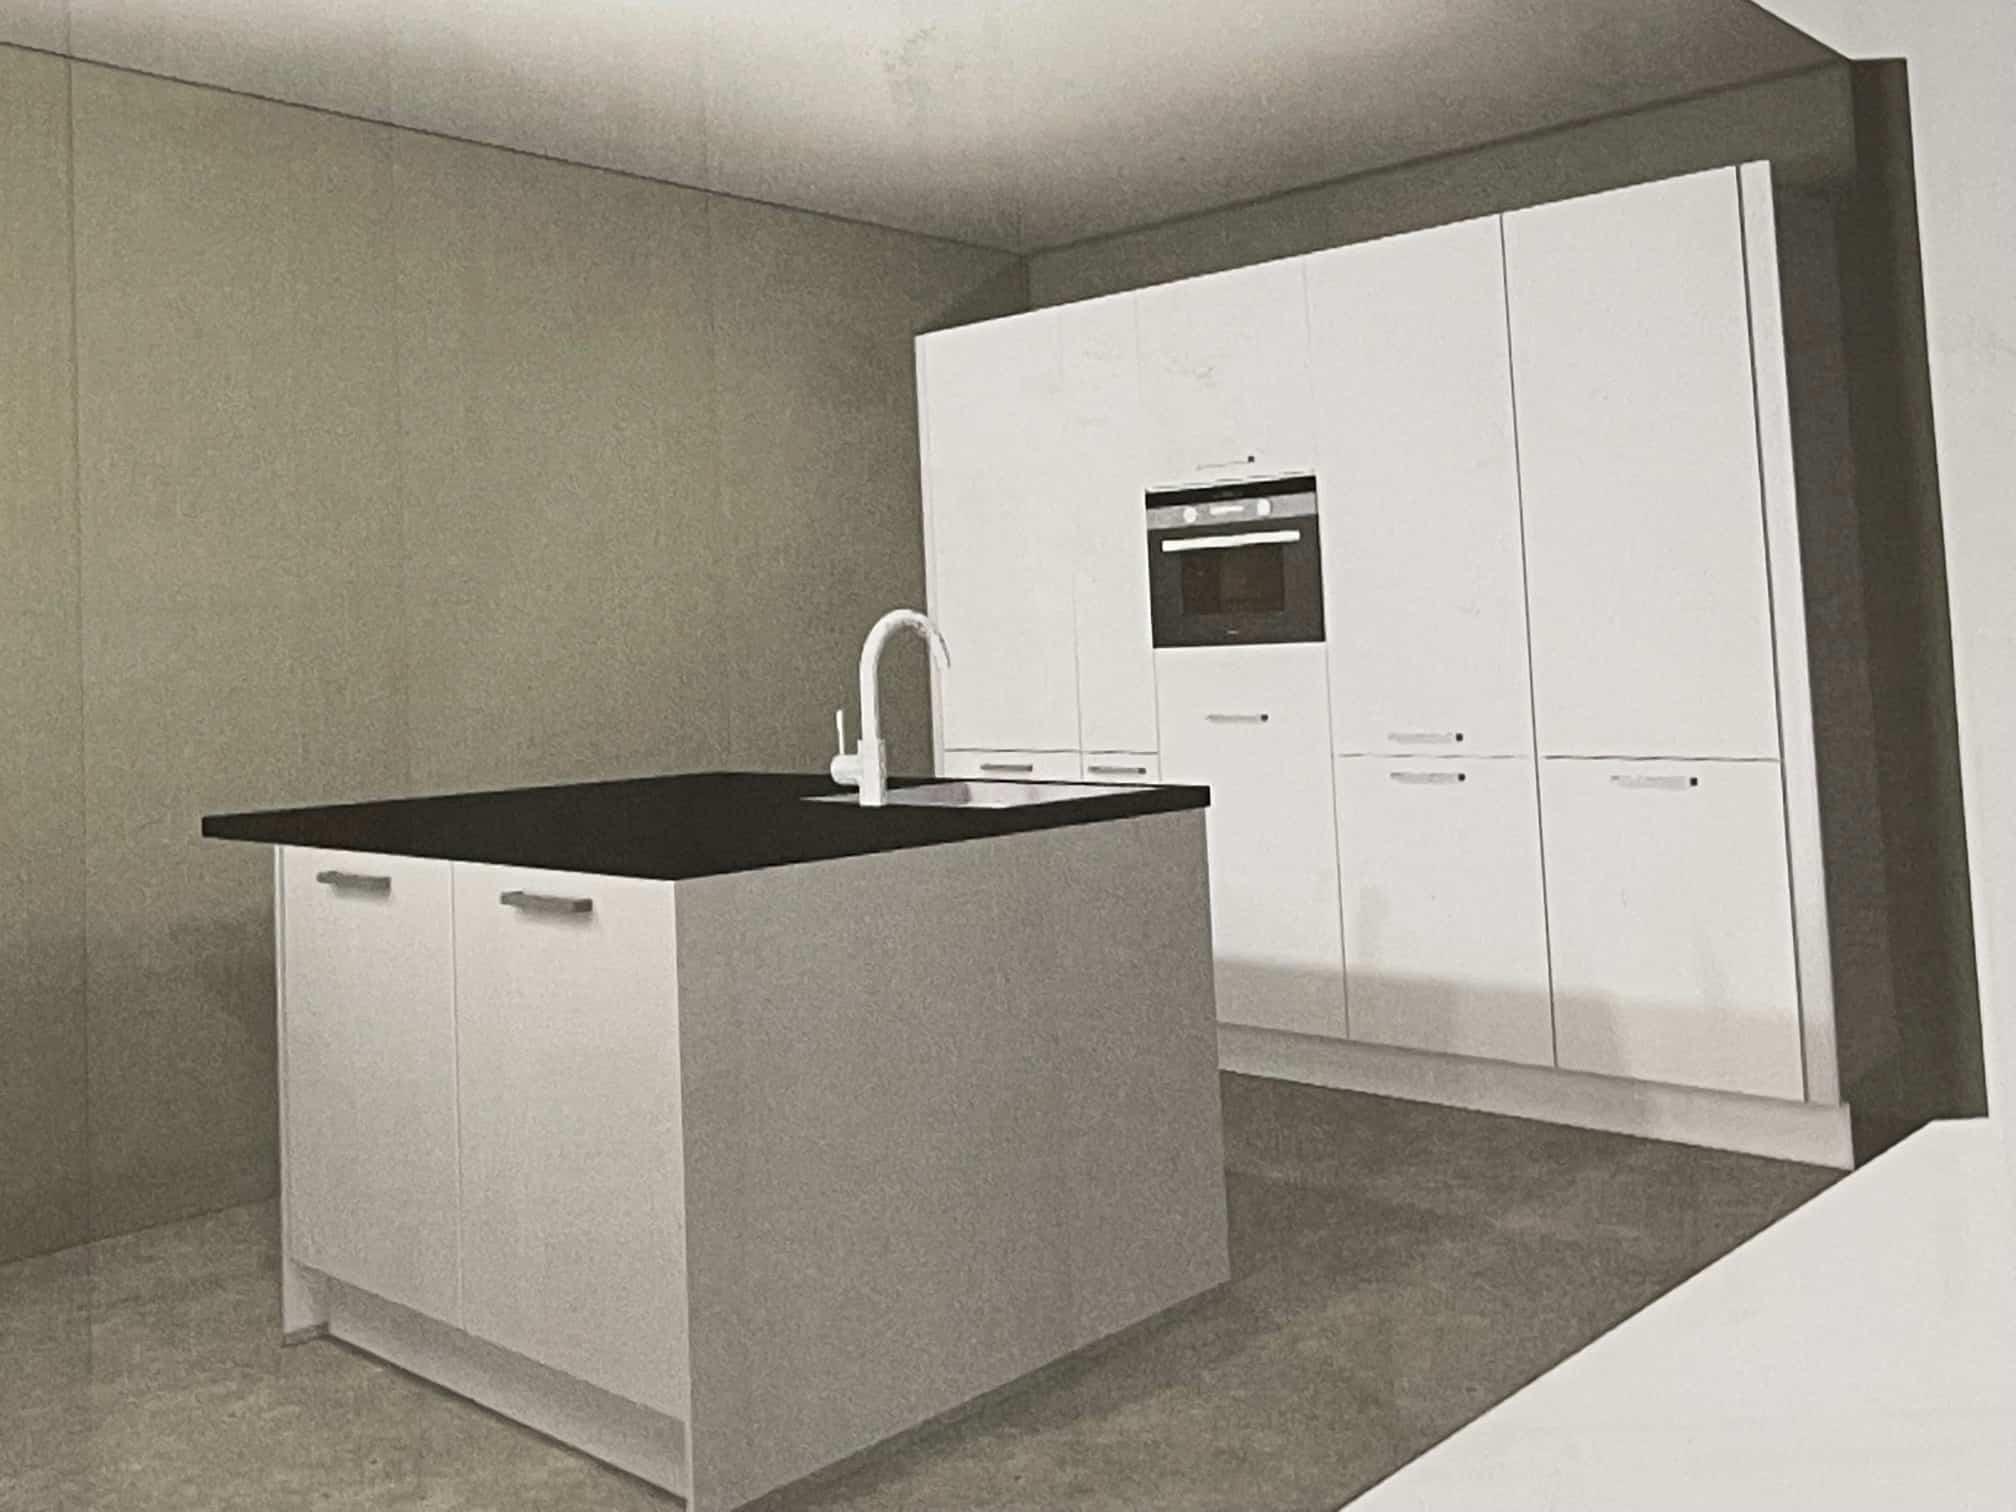 Keuken uitverkoop magazijn